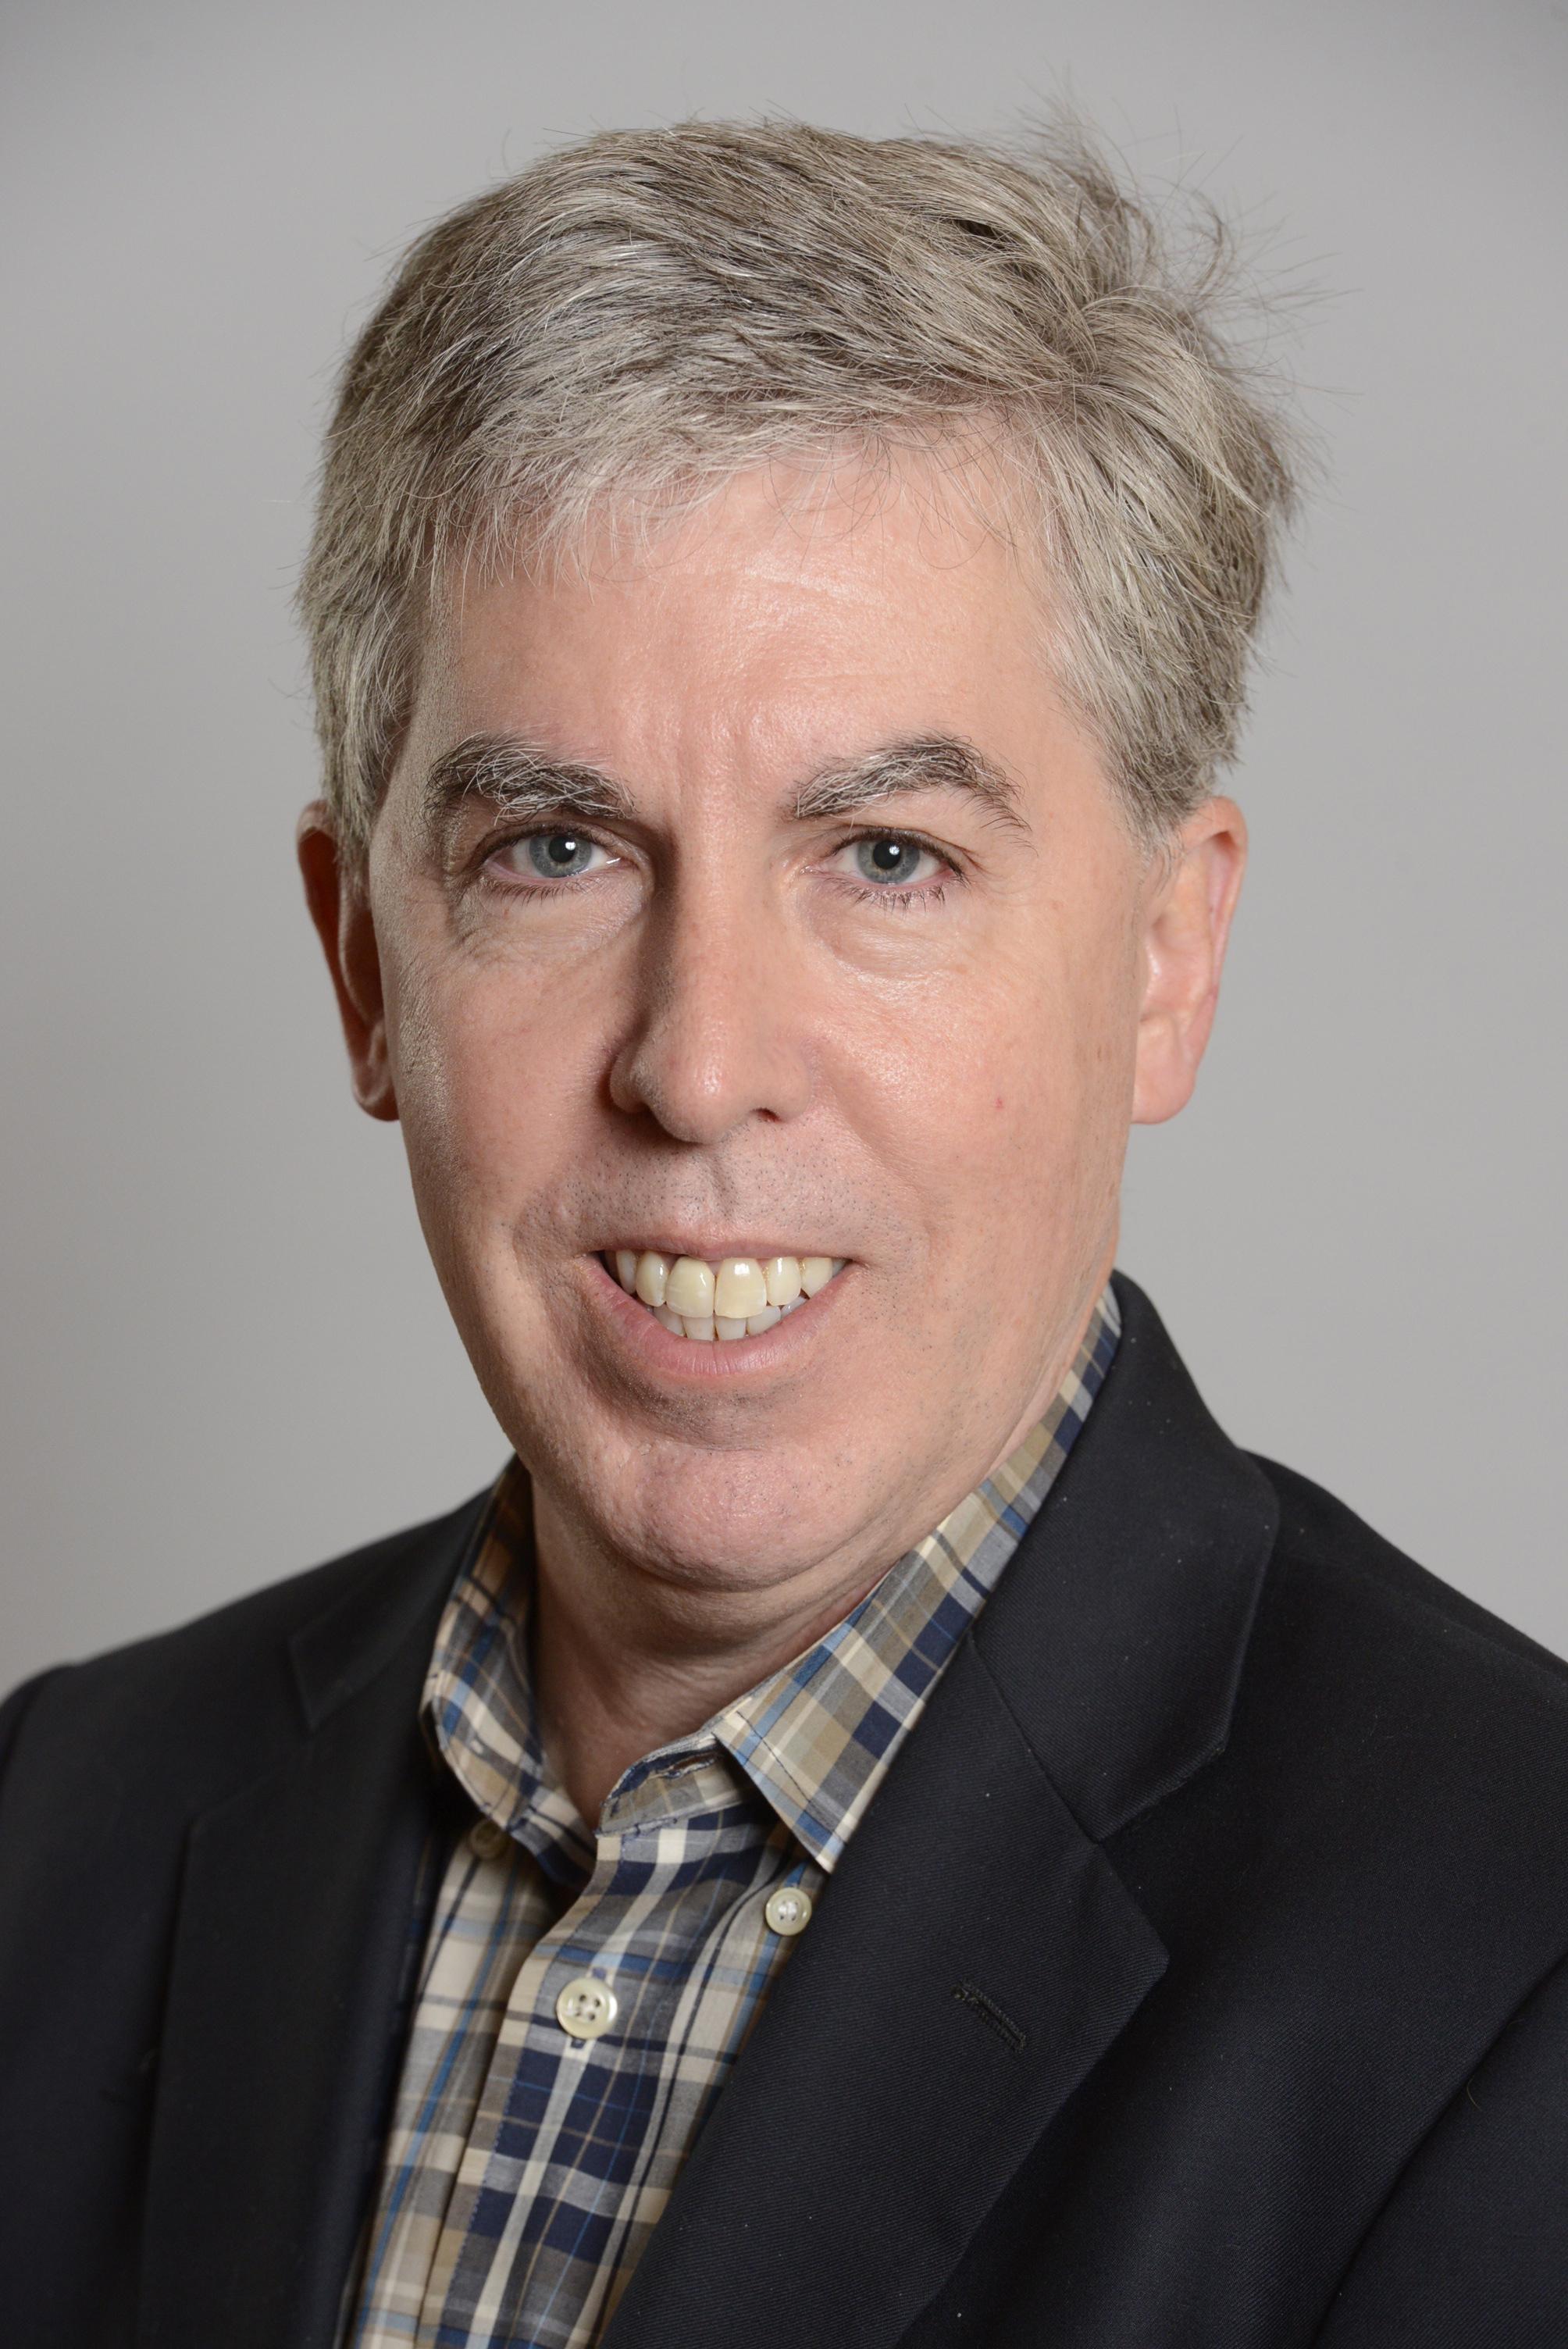 William Reiss, PharmD